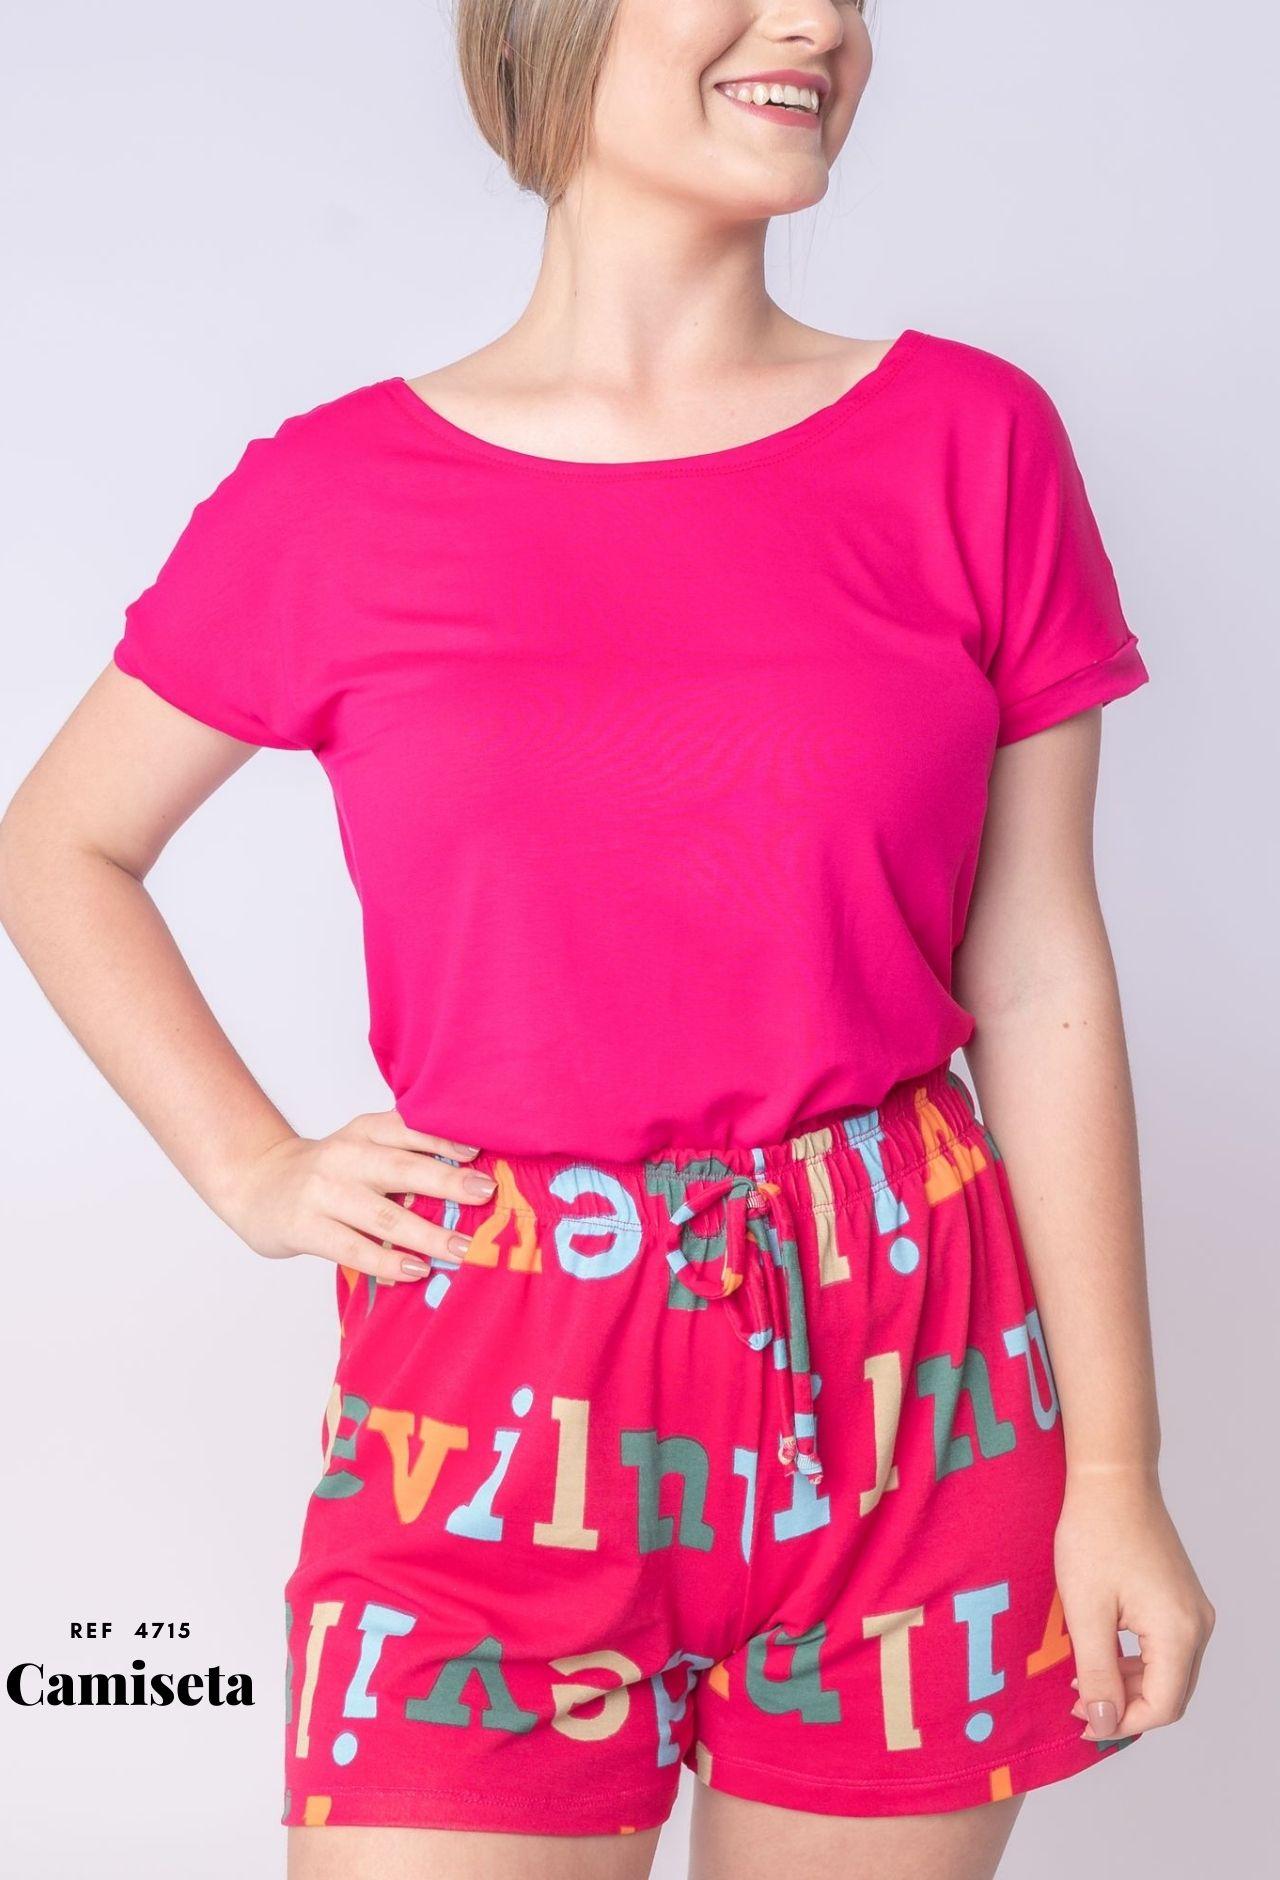 Camiseta Básica Plus (4715)